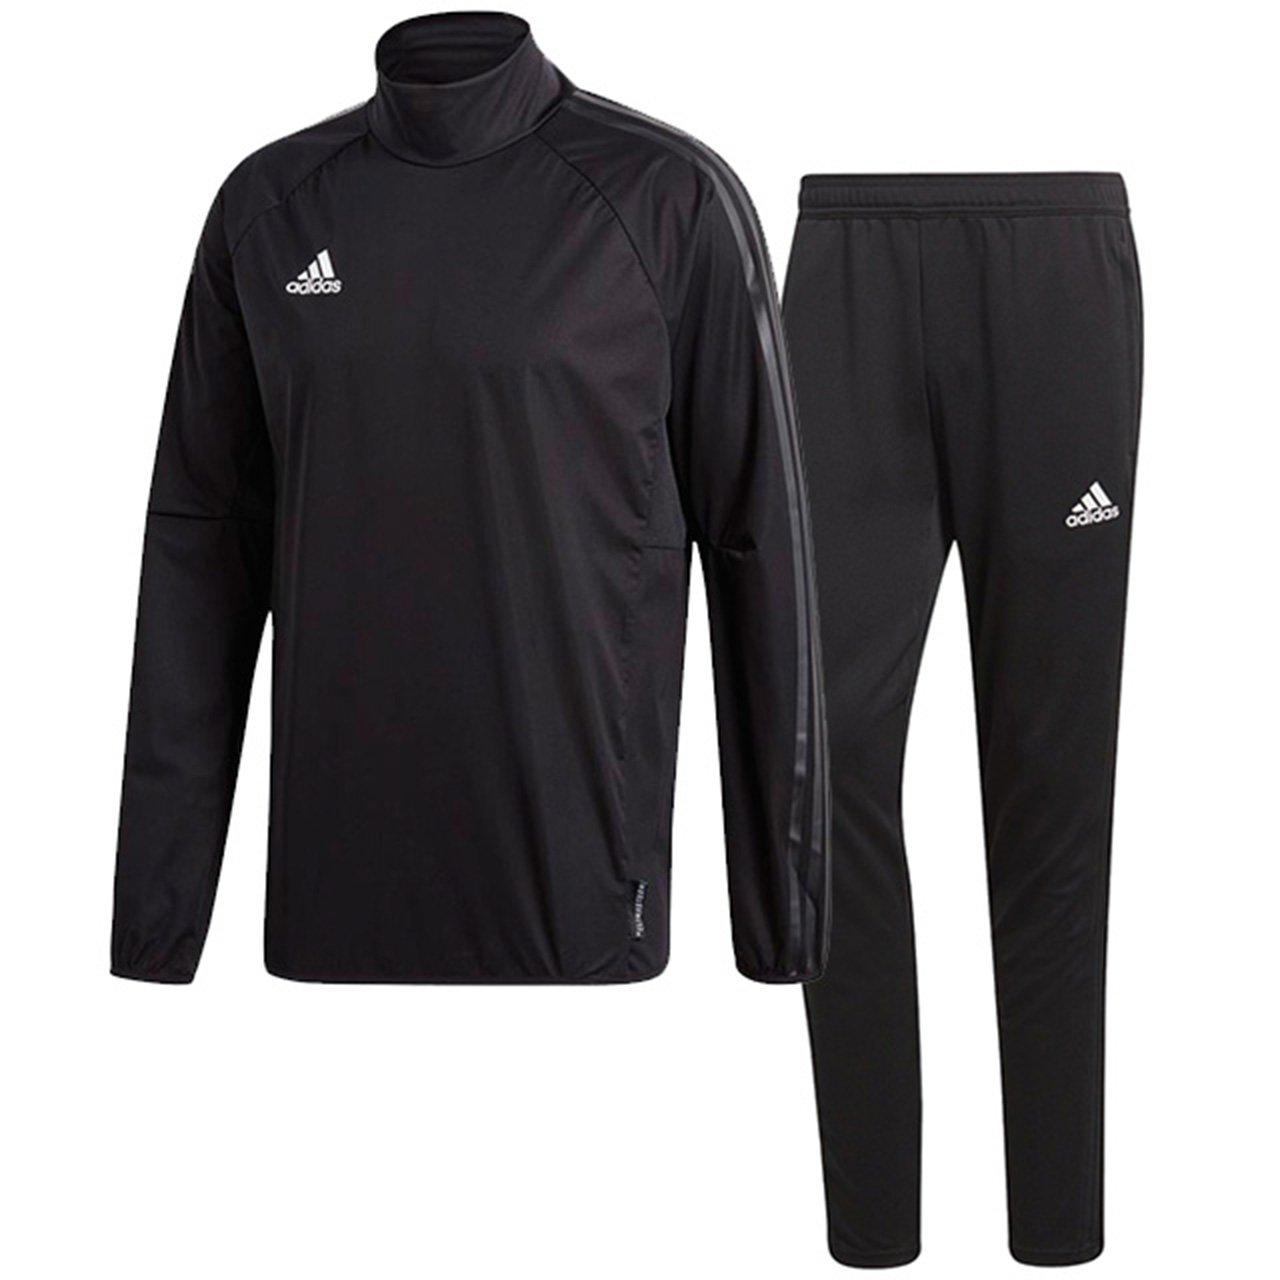 アディダス(adidas) CONDIVO18 レインピステトップ & トレーニングパンツ(ブラック/ブラック) DJV40-CF4354-DJU99-BS0526 B0798D9LBF 日本 J/O-(日本サイズXL相当)|ブラック/ブラック ブラック/ブラック 日本 J/O-(日本サイズXL相当)